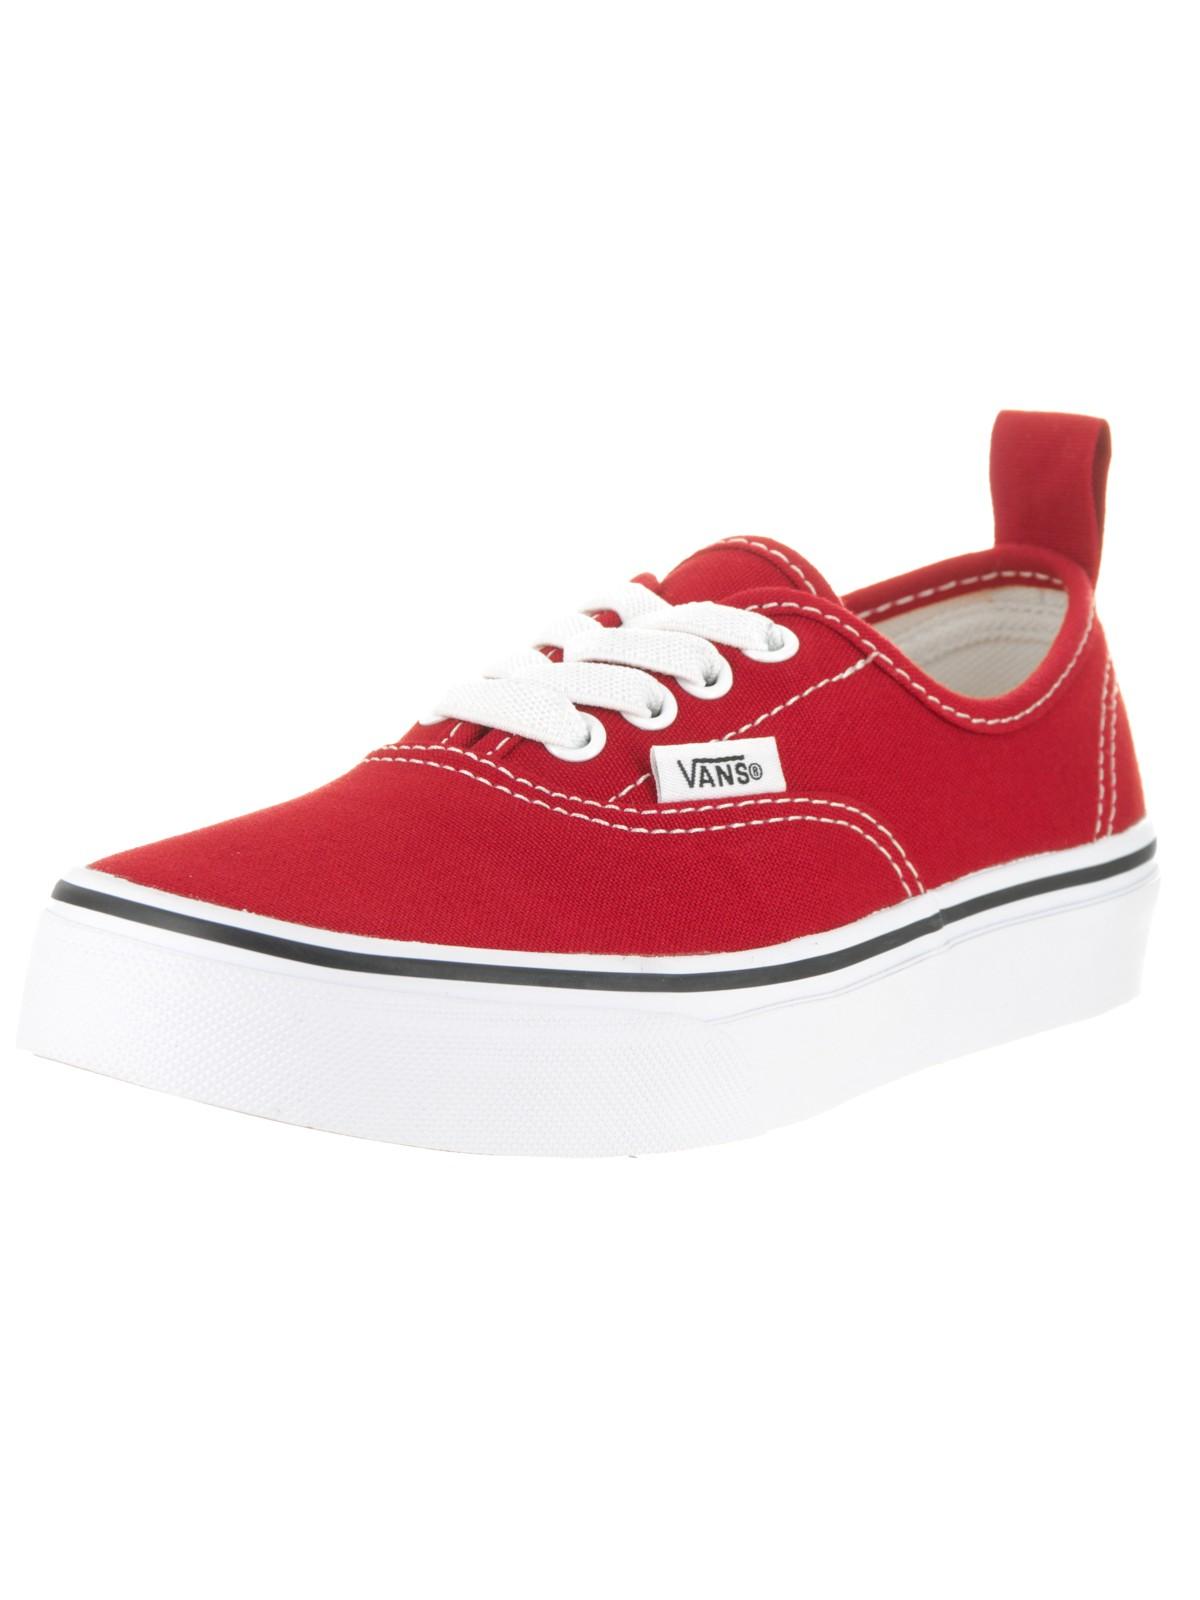 Vans Kids Authentic Elastic (Elastic Lace) Skate Shoe